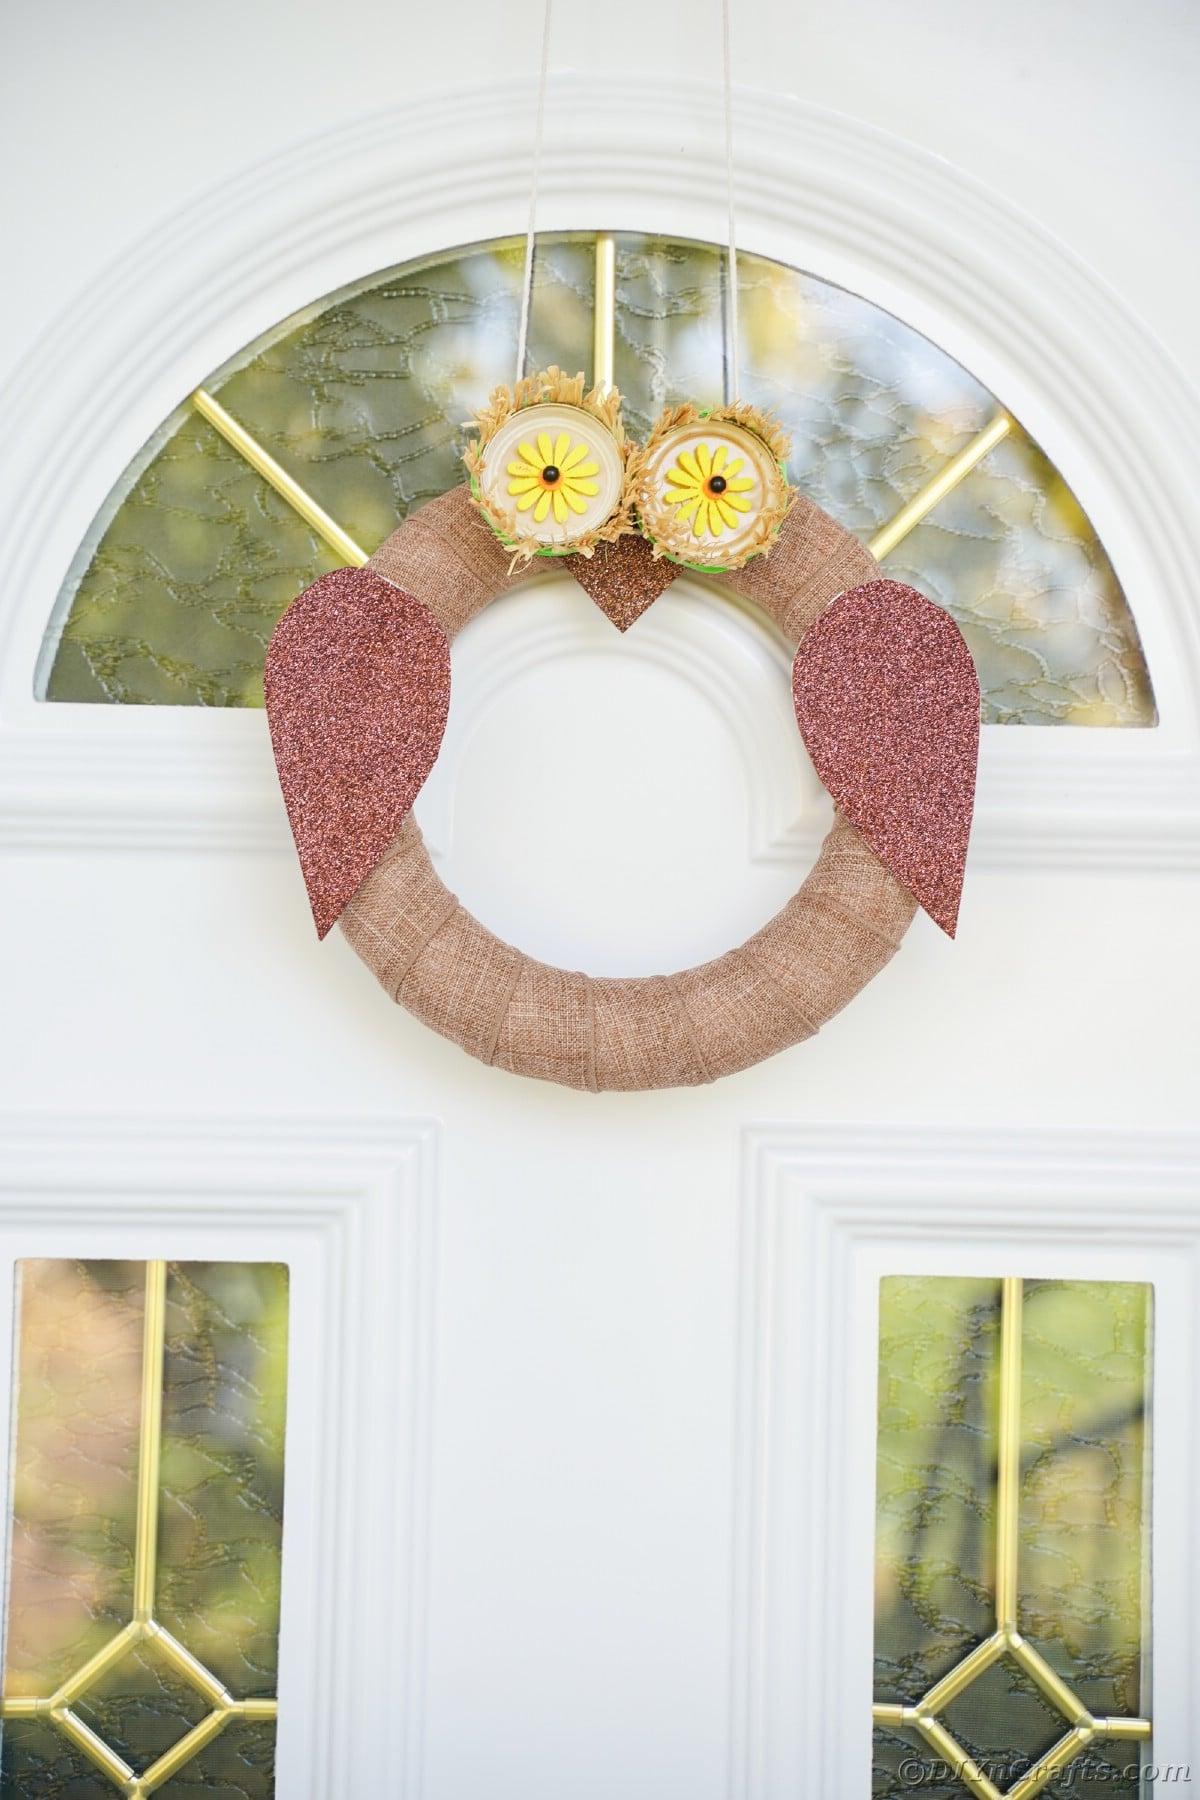 Guirlanda de coruja pendurada na porta branca da frente com painéis de vidro